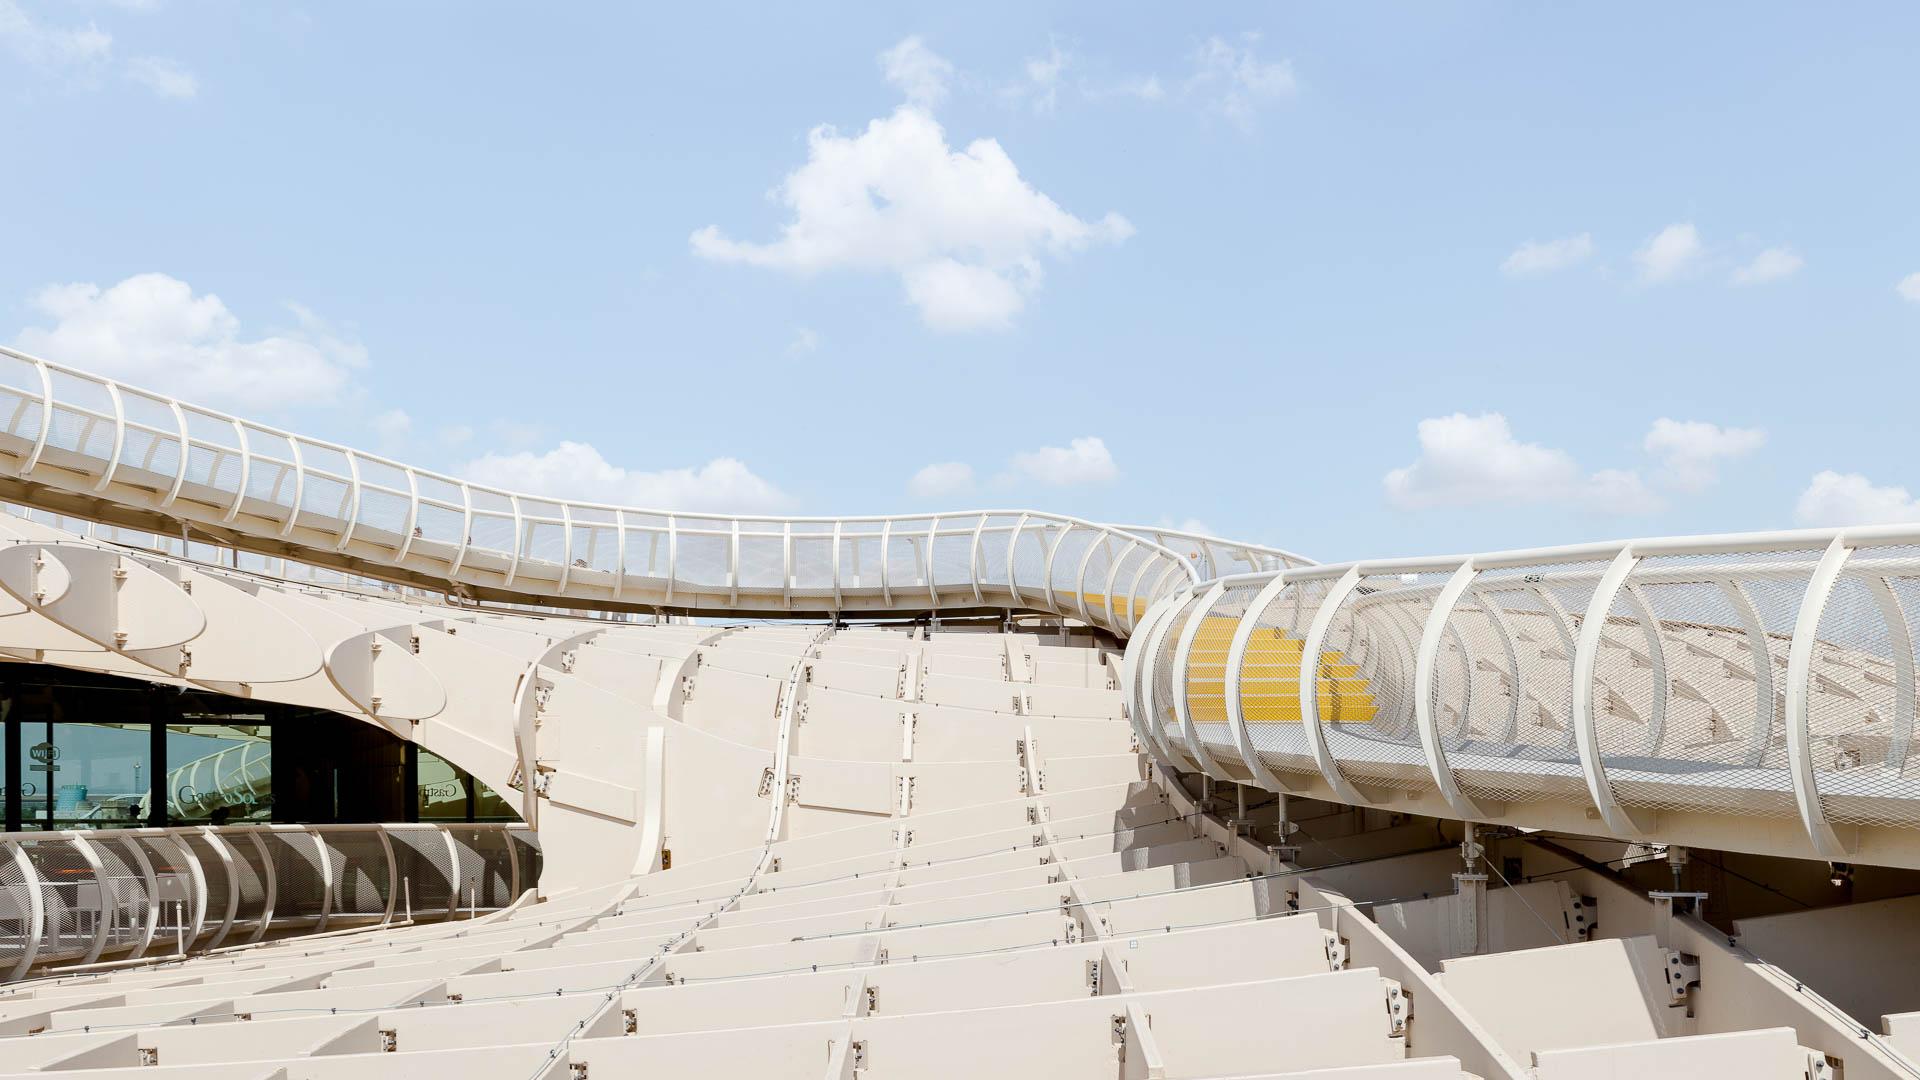 Metropol Parasol - Sevilla - Jürgen Mayer - Manolo Espaliú Fotografía de Arquitectura